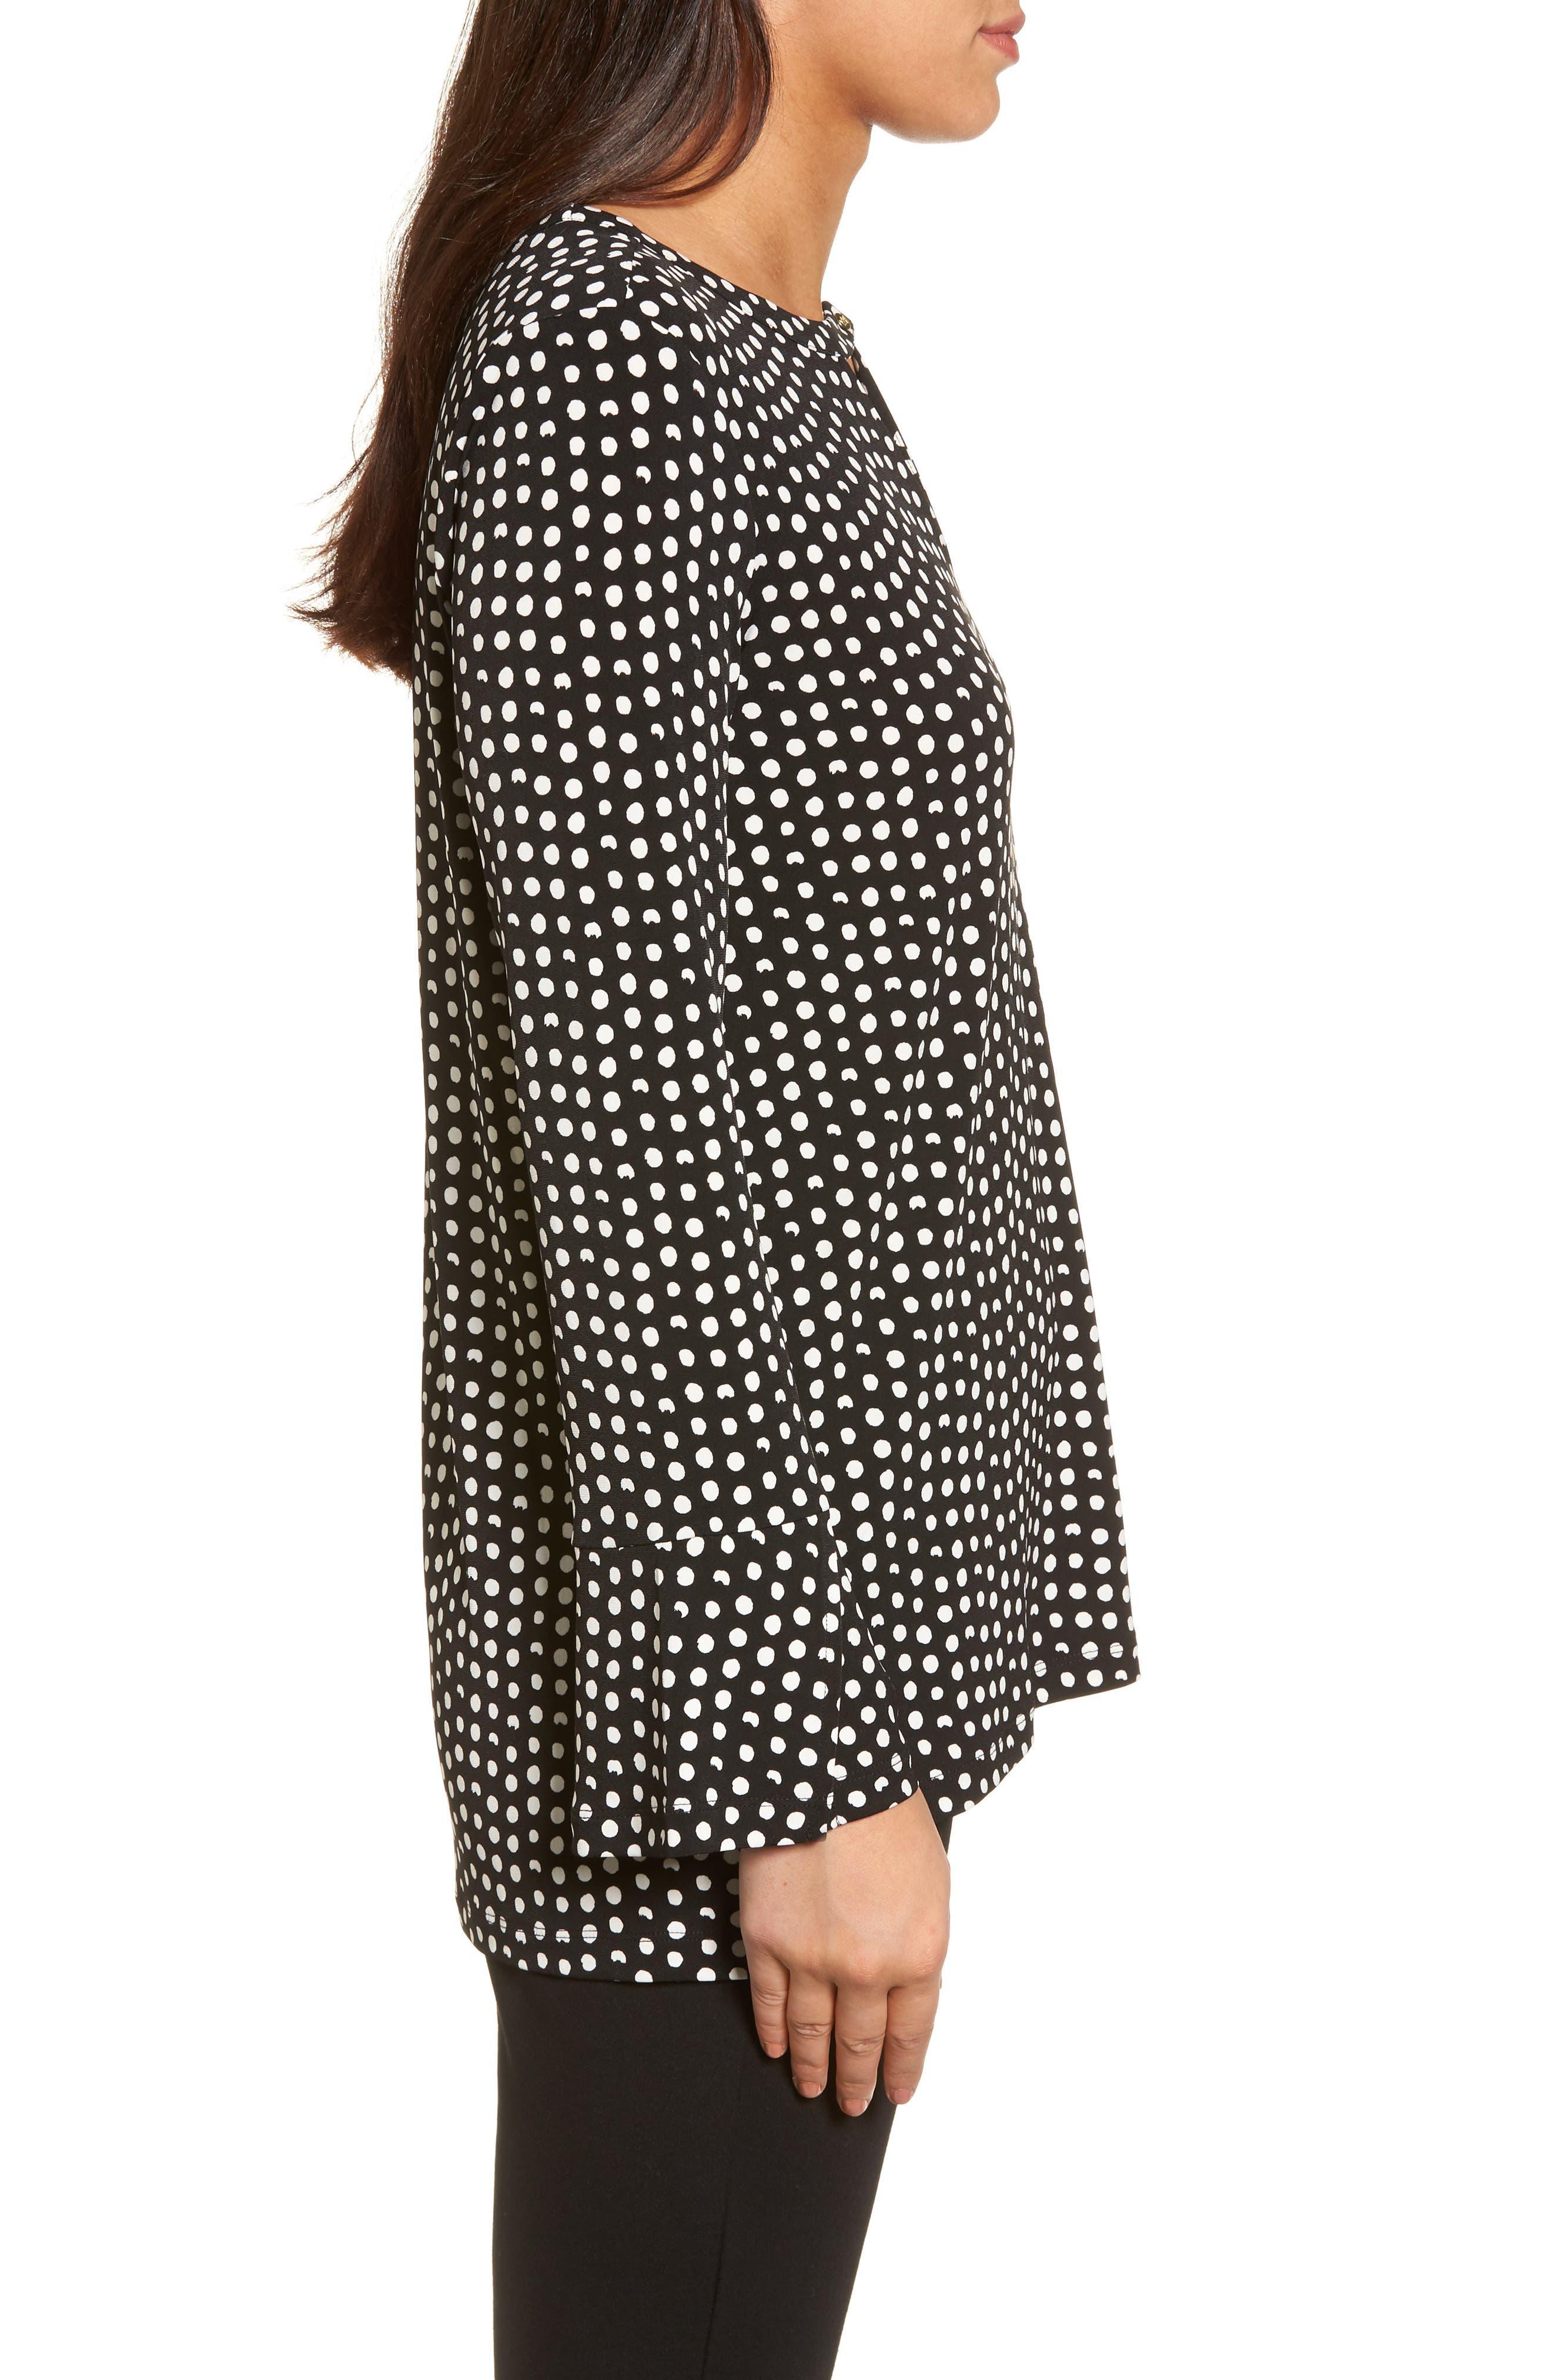 Alternate Image 3  - Chaus Polka Dot Matte Jersey Top